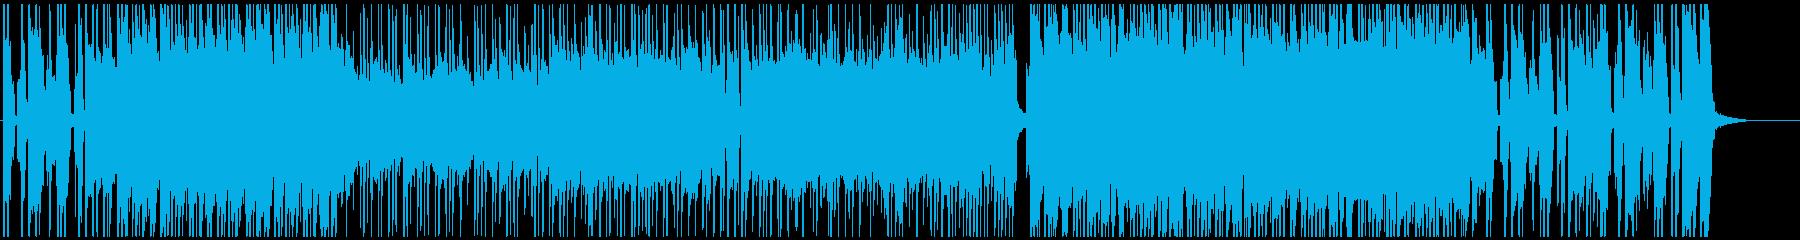 疾走感のある元気なパンクロックの再生済みの波形